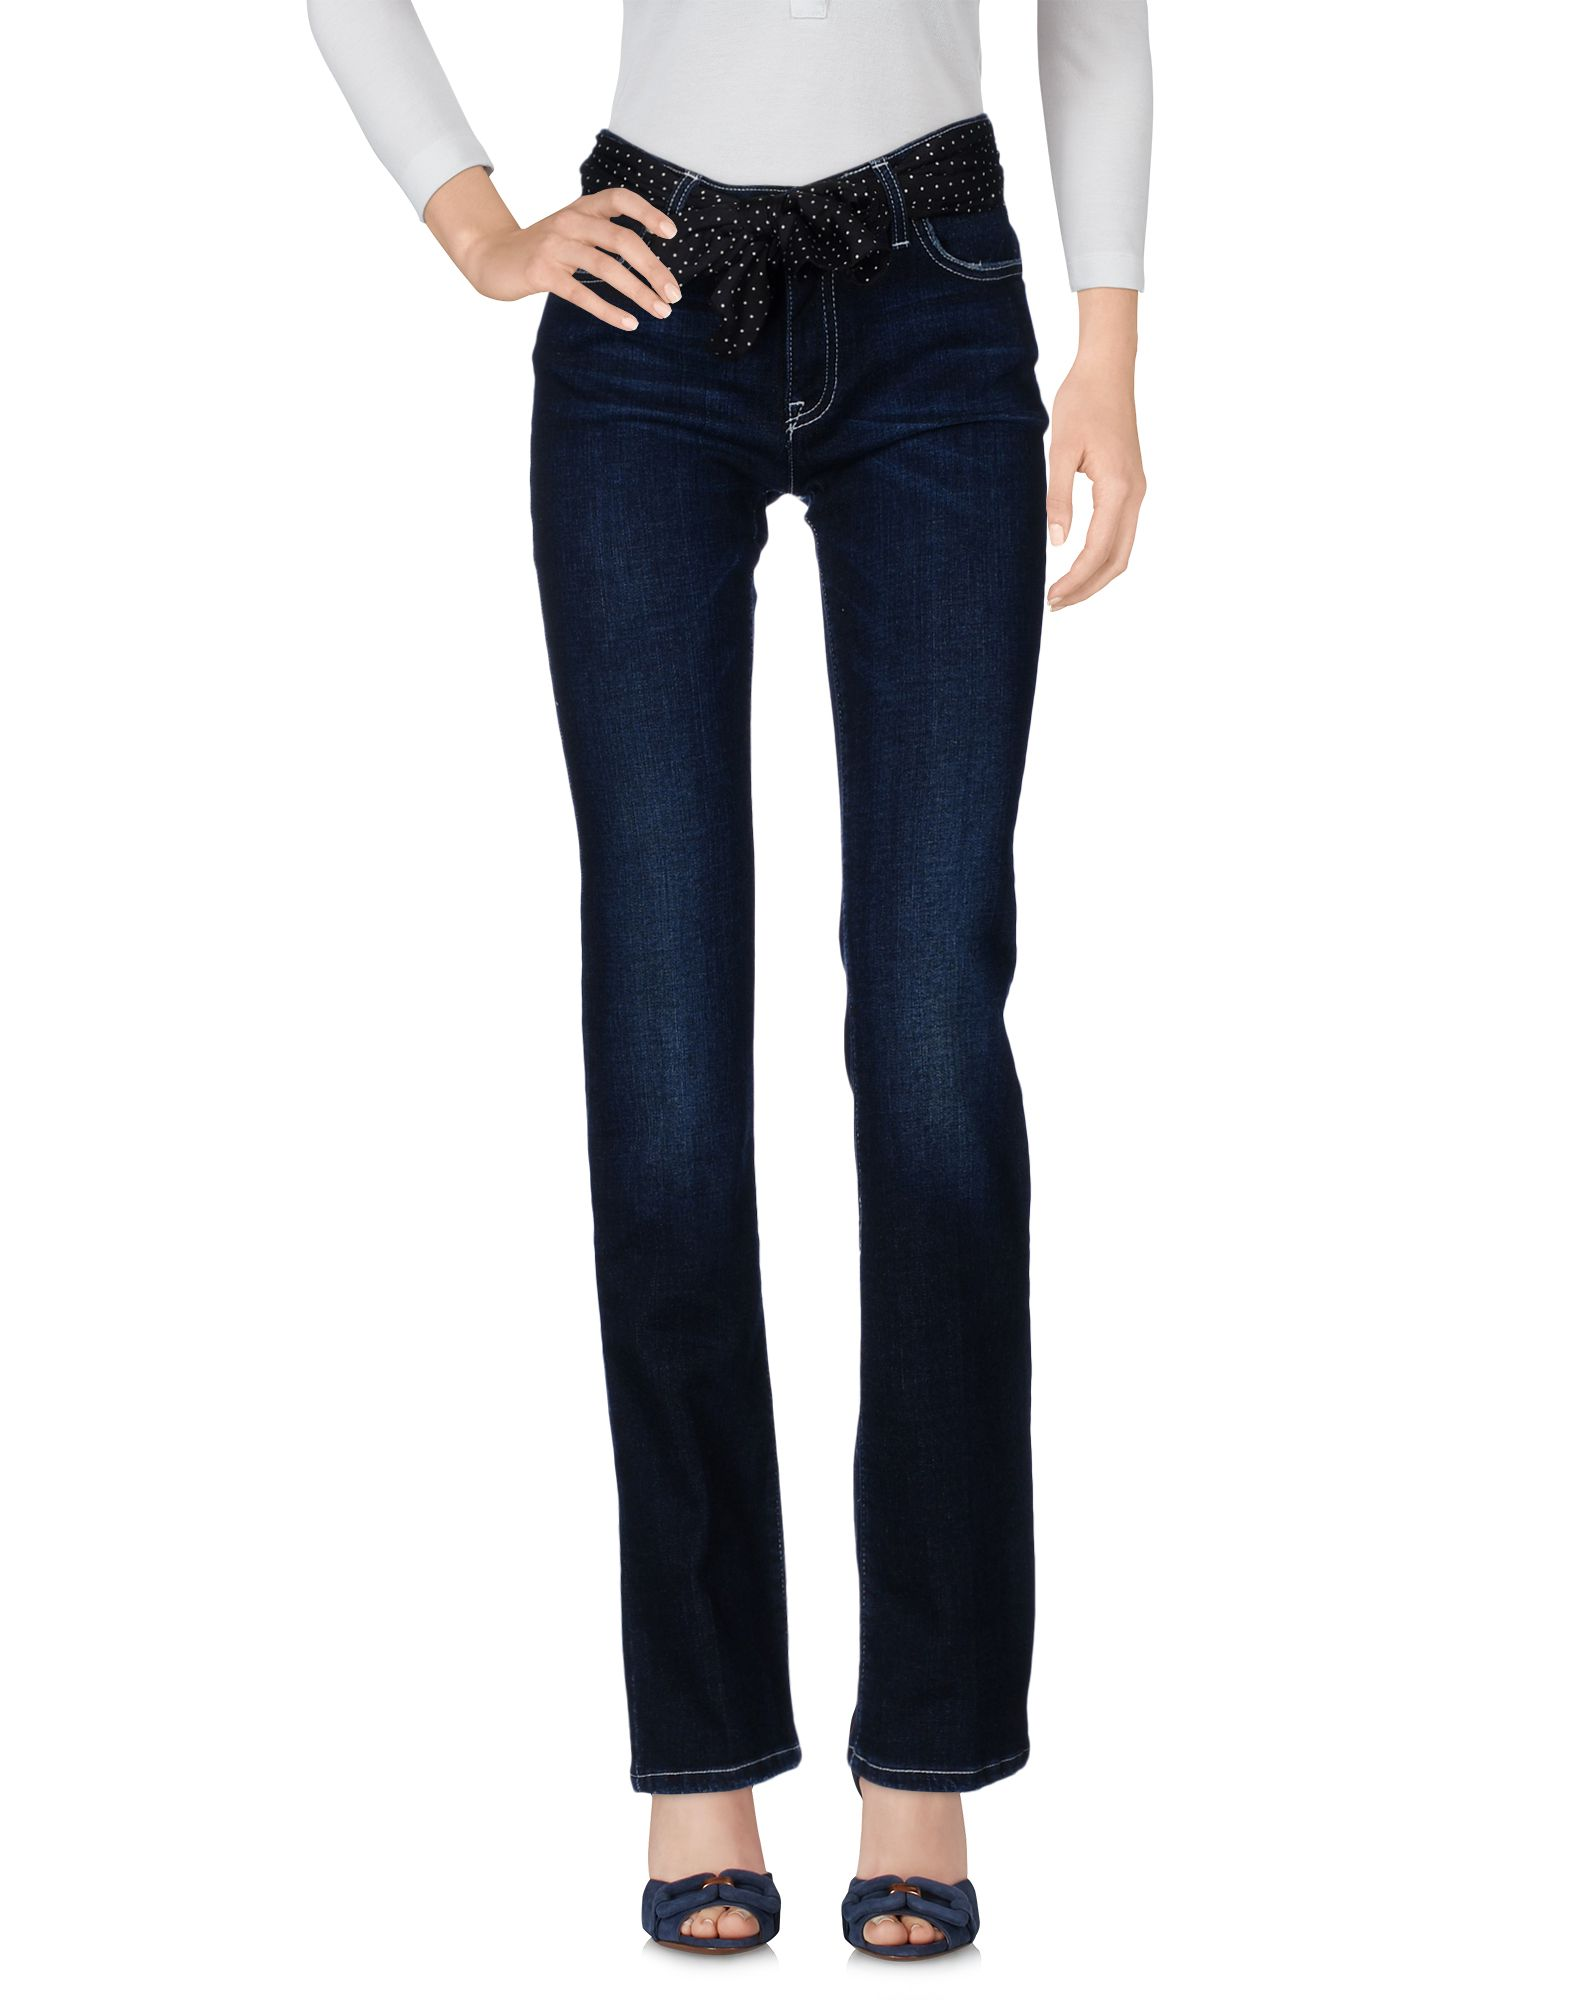 LOVE MOSCHINO Damen Jeanshose Farbe Blau Größe 2 jetztbilligerkaufen